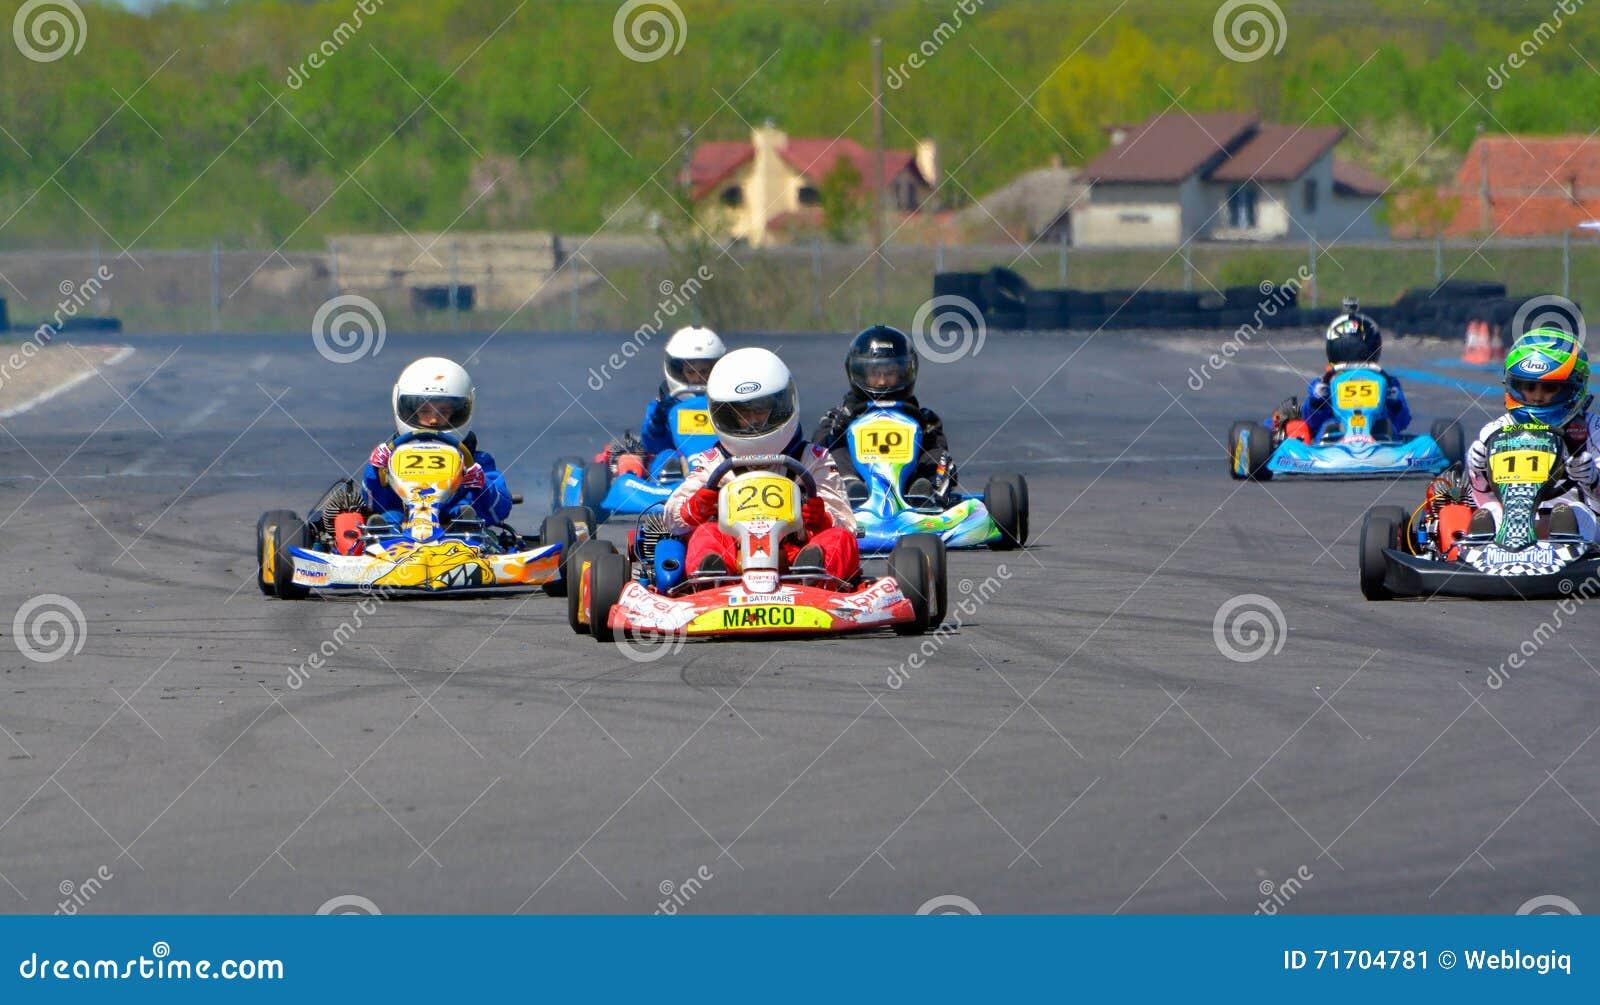 PREJMER, BRASOV, ROUMANIE - 3 MAI : Pilotes inconnus concurrençant dans le championnat national de Karting Dunlop 2015, le 3 mai